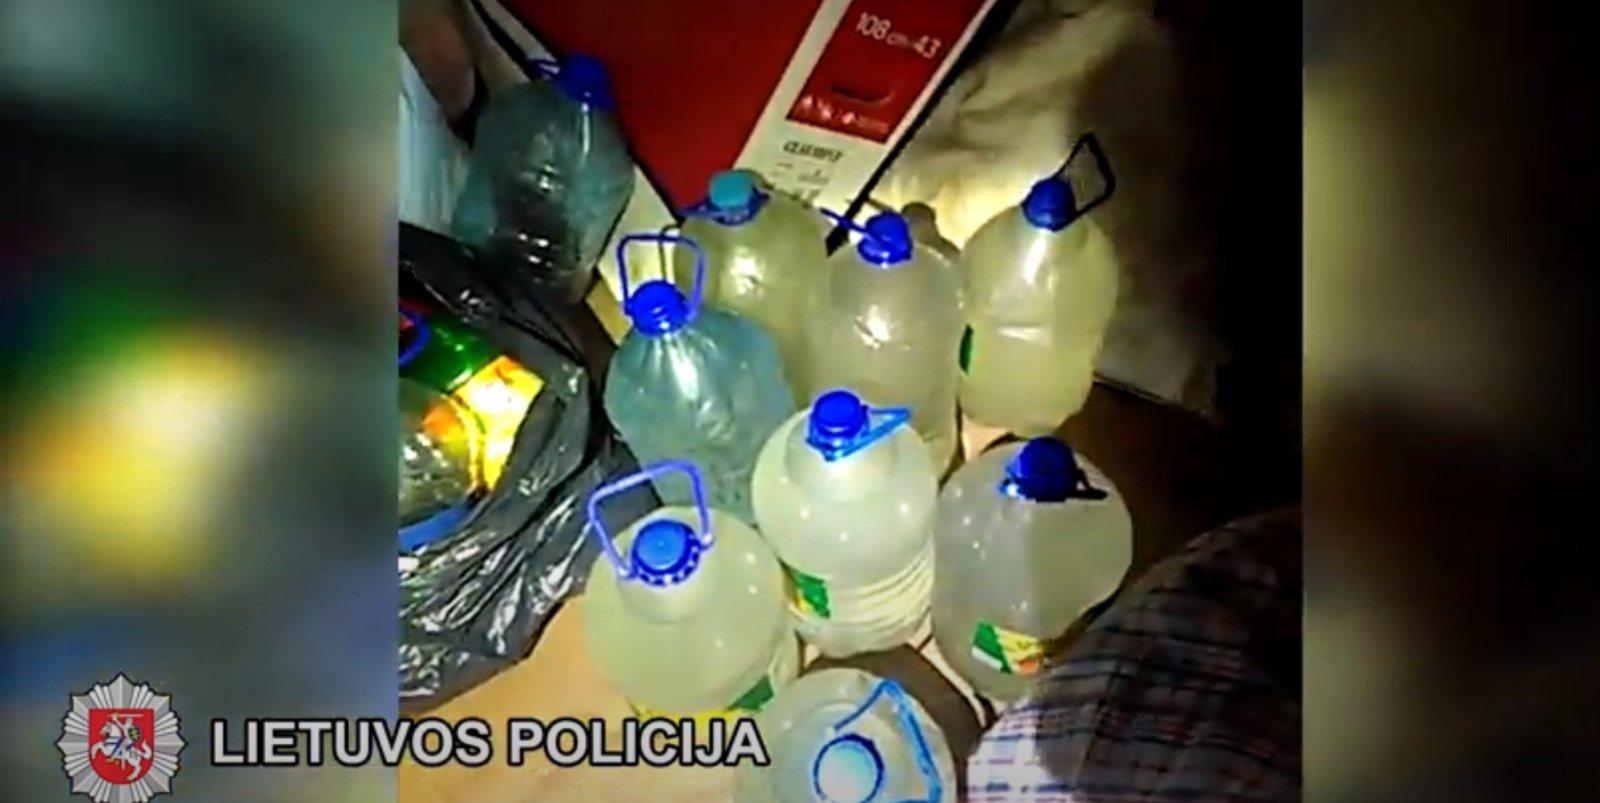 """Šalčininkų policijos paregūnai konfiskavo 40 litrų """"naminukės"""" (vaizdo įrašas)"""